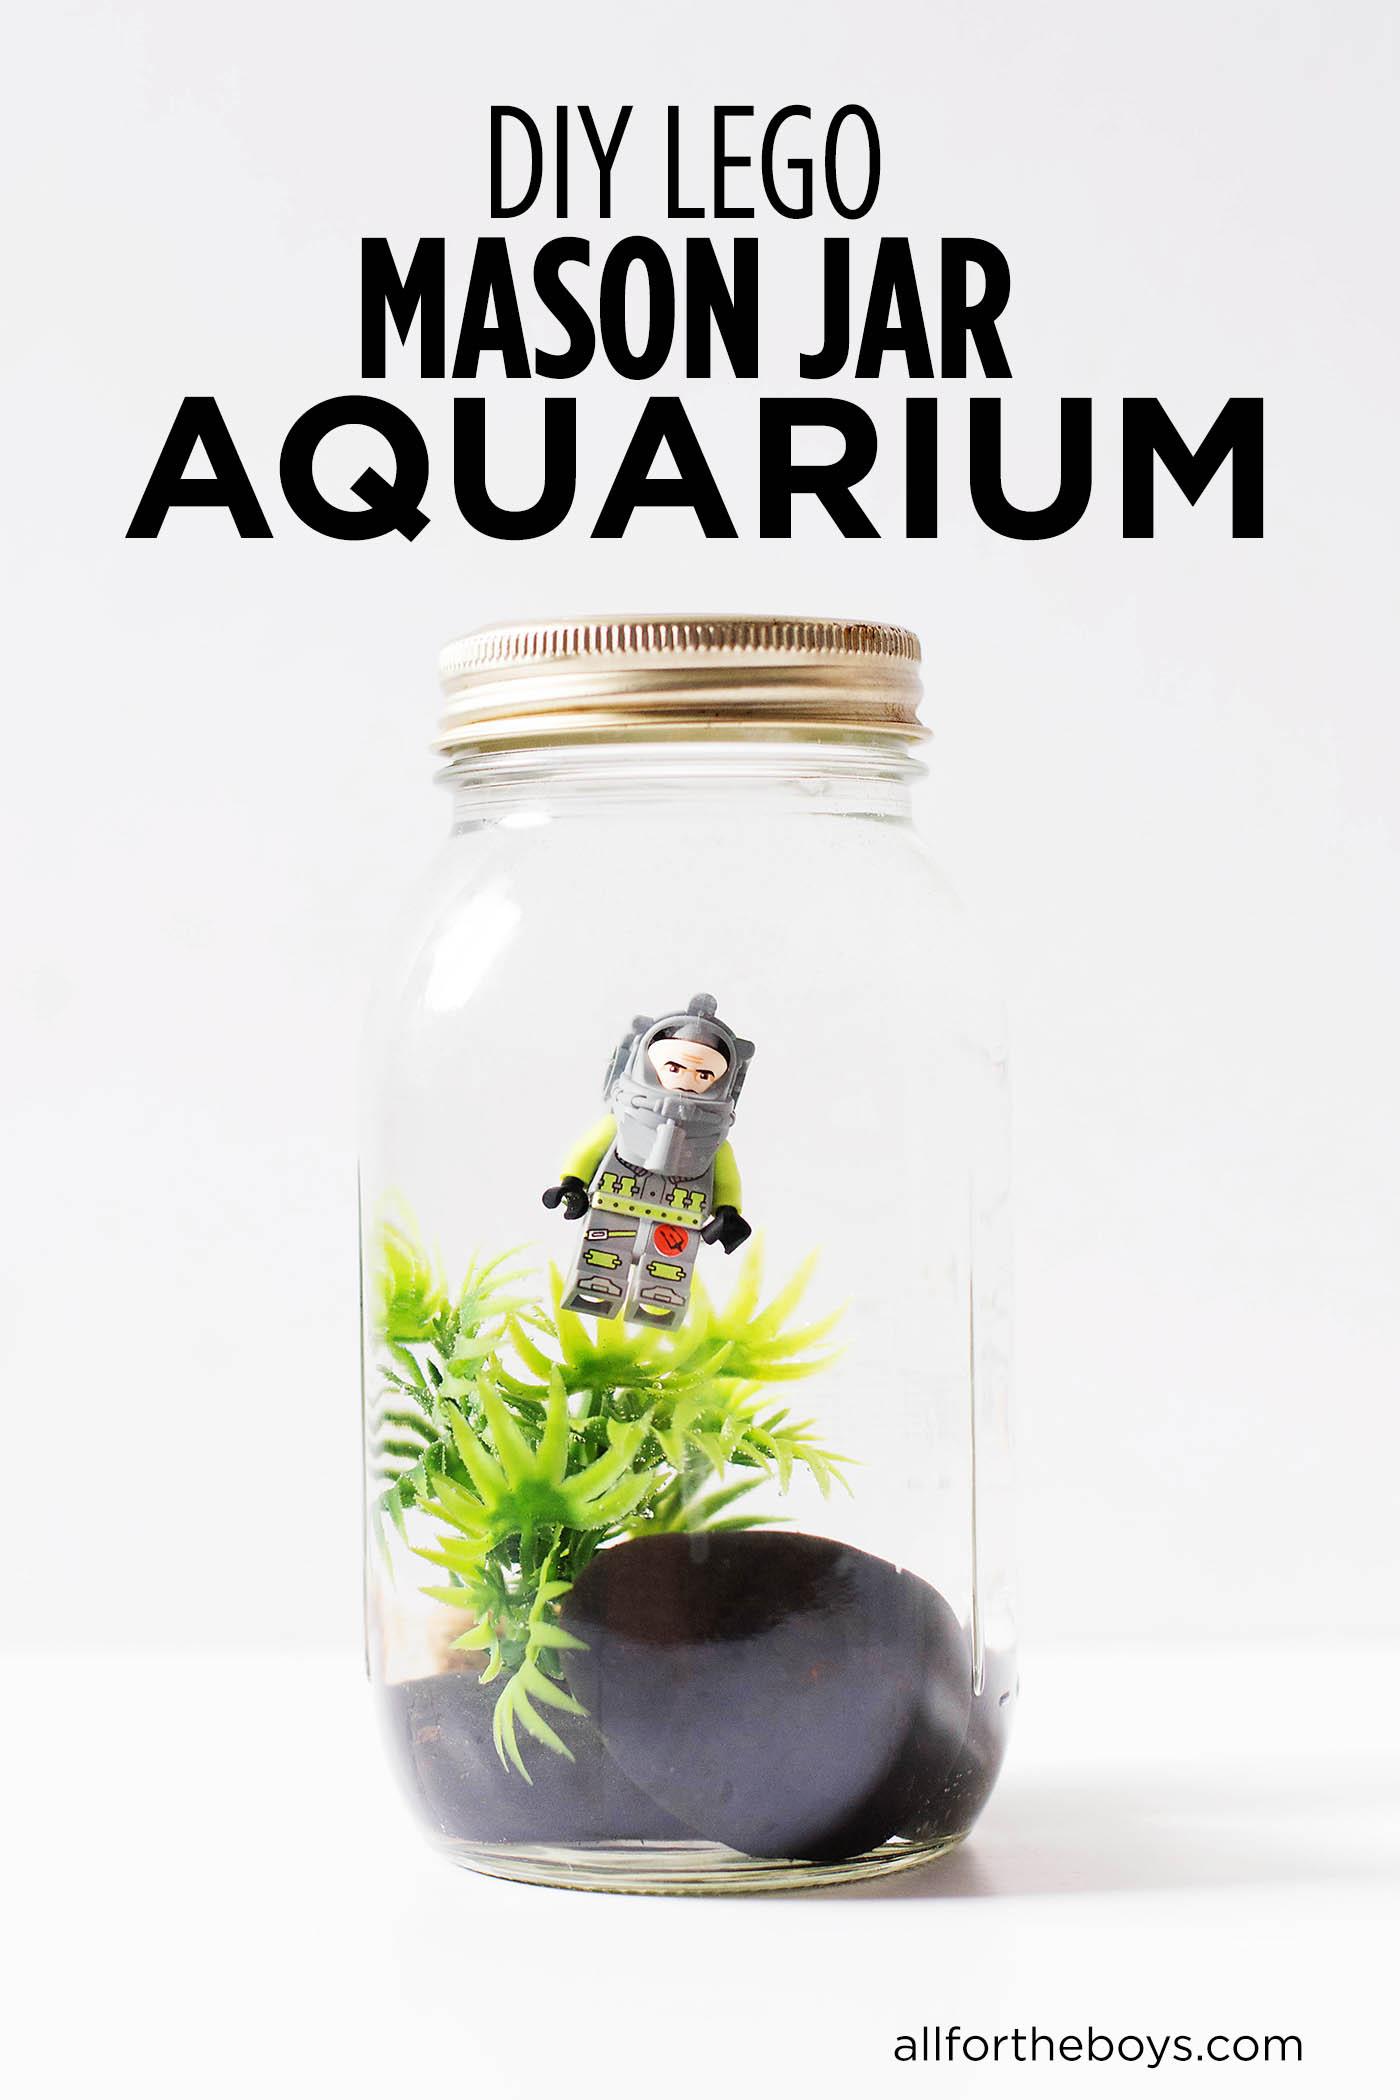 DIY LEGO mason jar aquarium craft